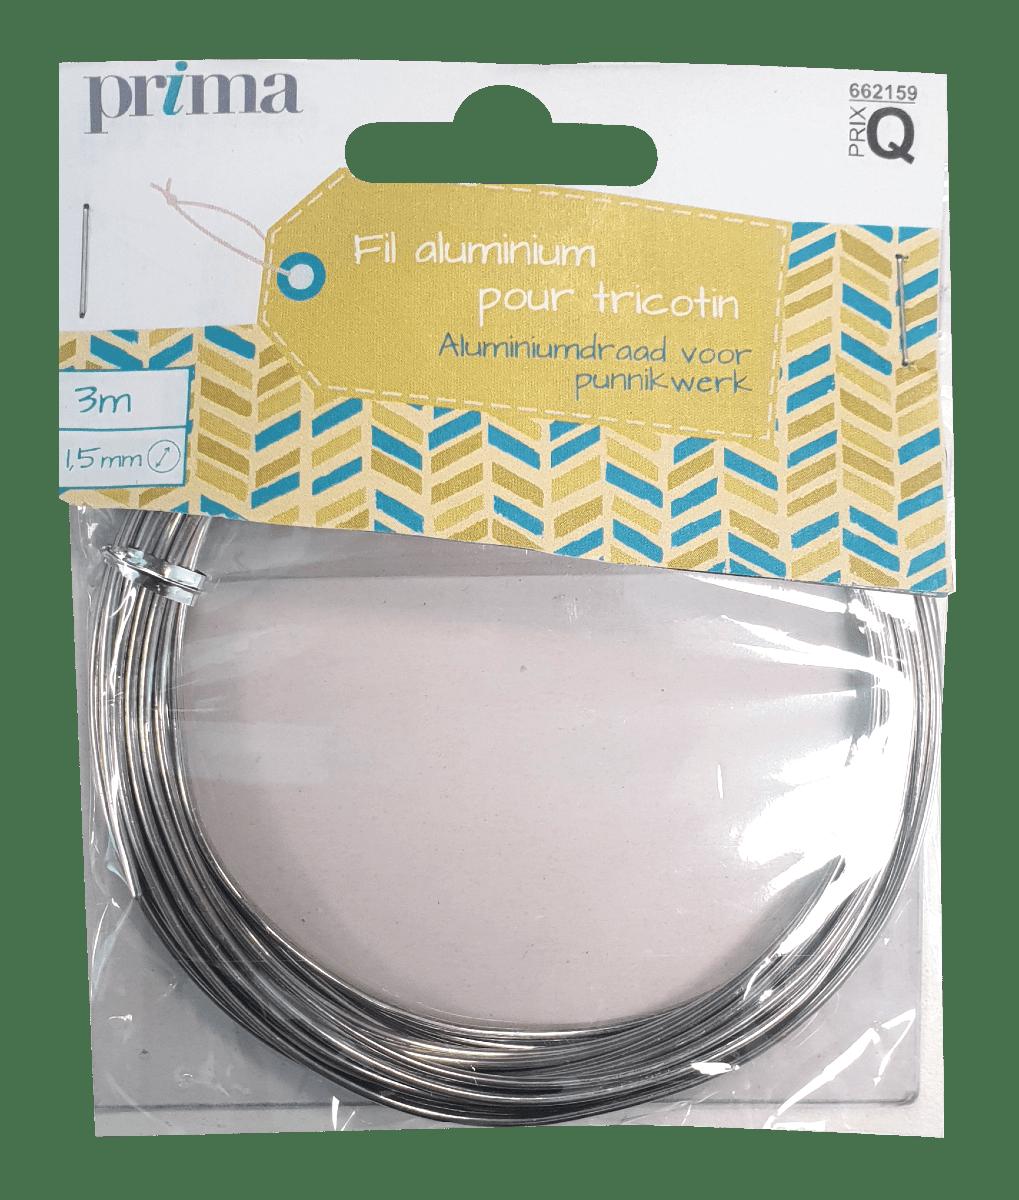 Fil aluminium pour tricotin